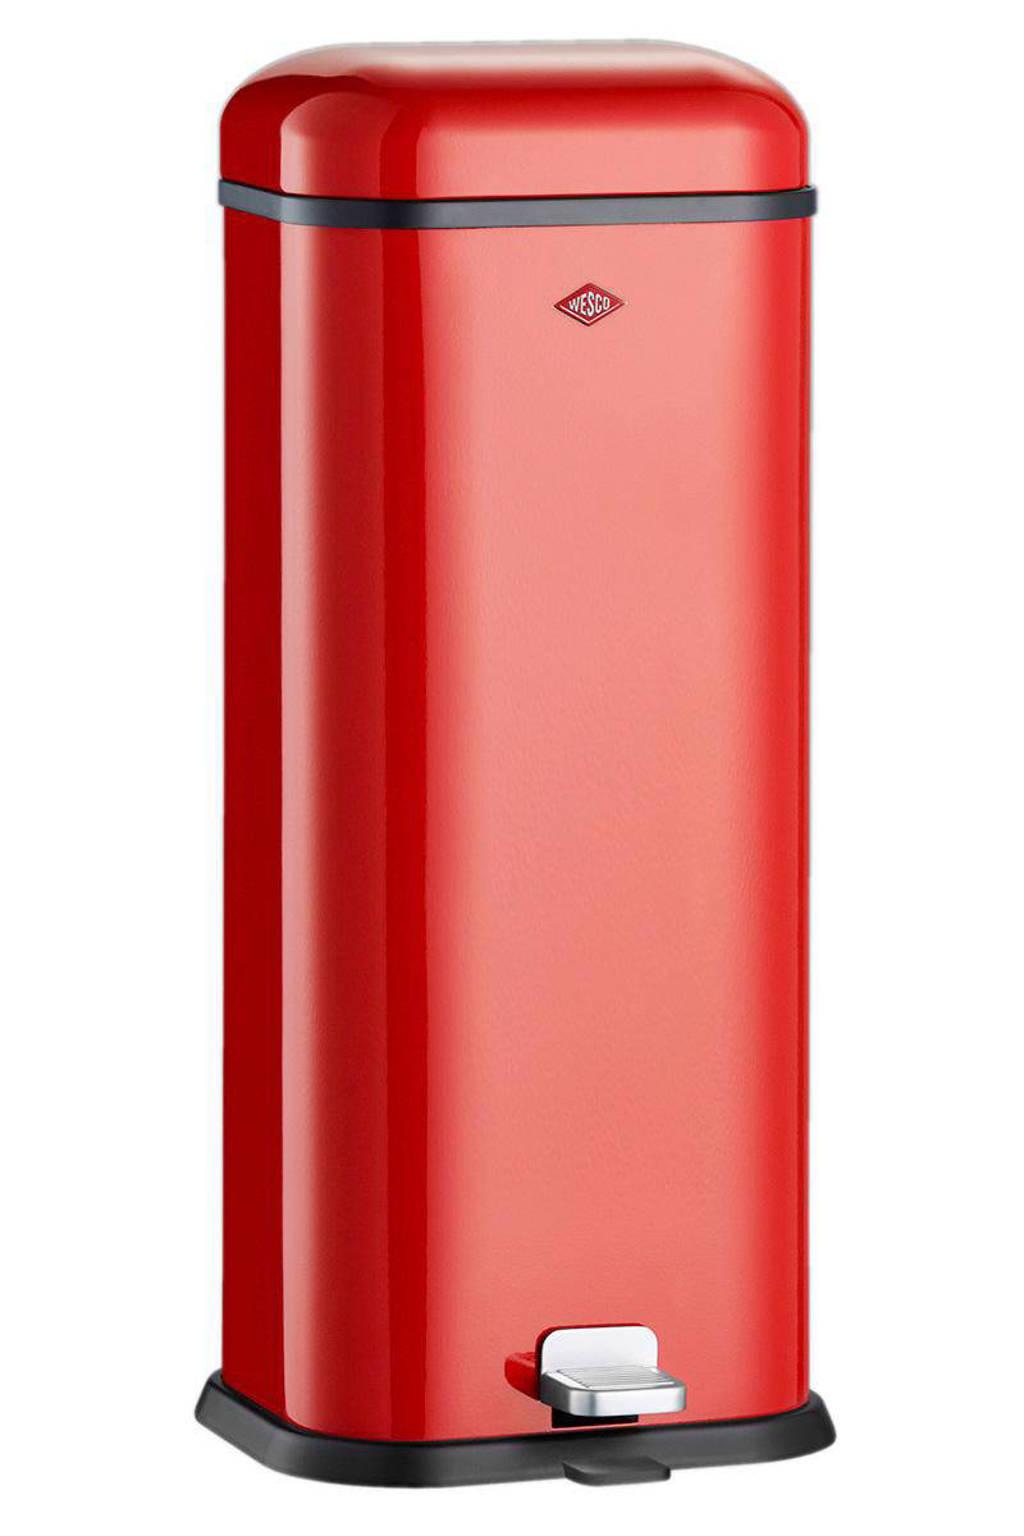 Wesco Superboy, 20 liter pedaalemmer, Rood